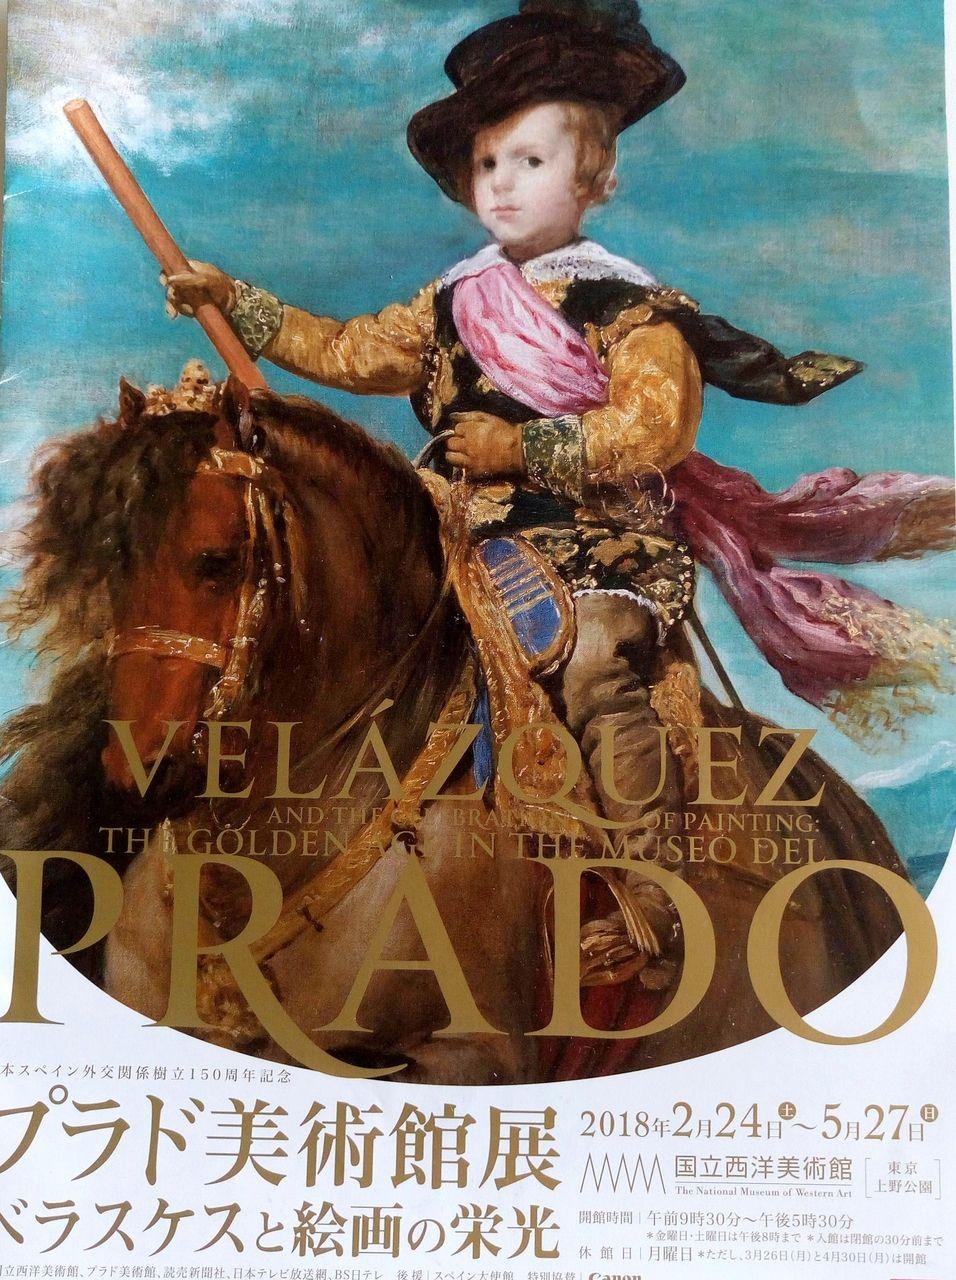 プラド美術館王太子バルタサール・カルロス騎馬像